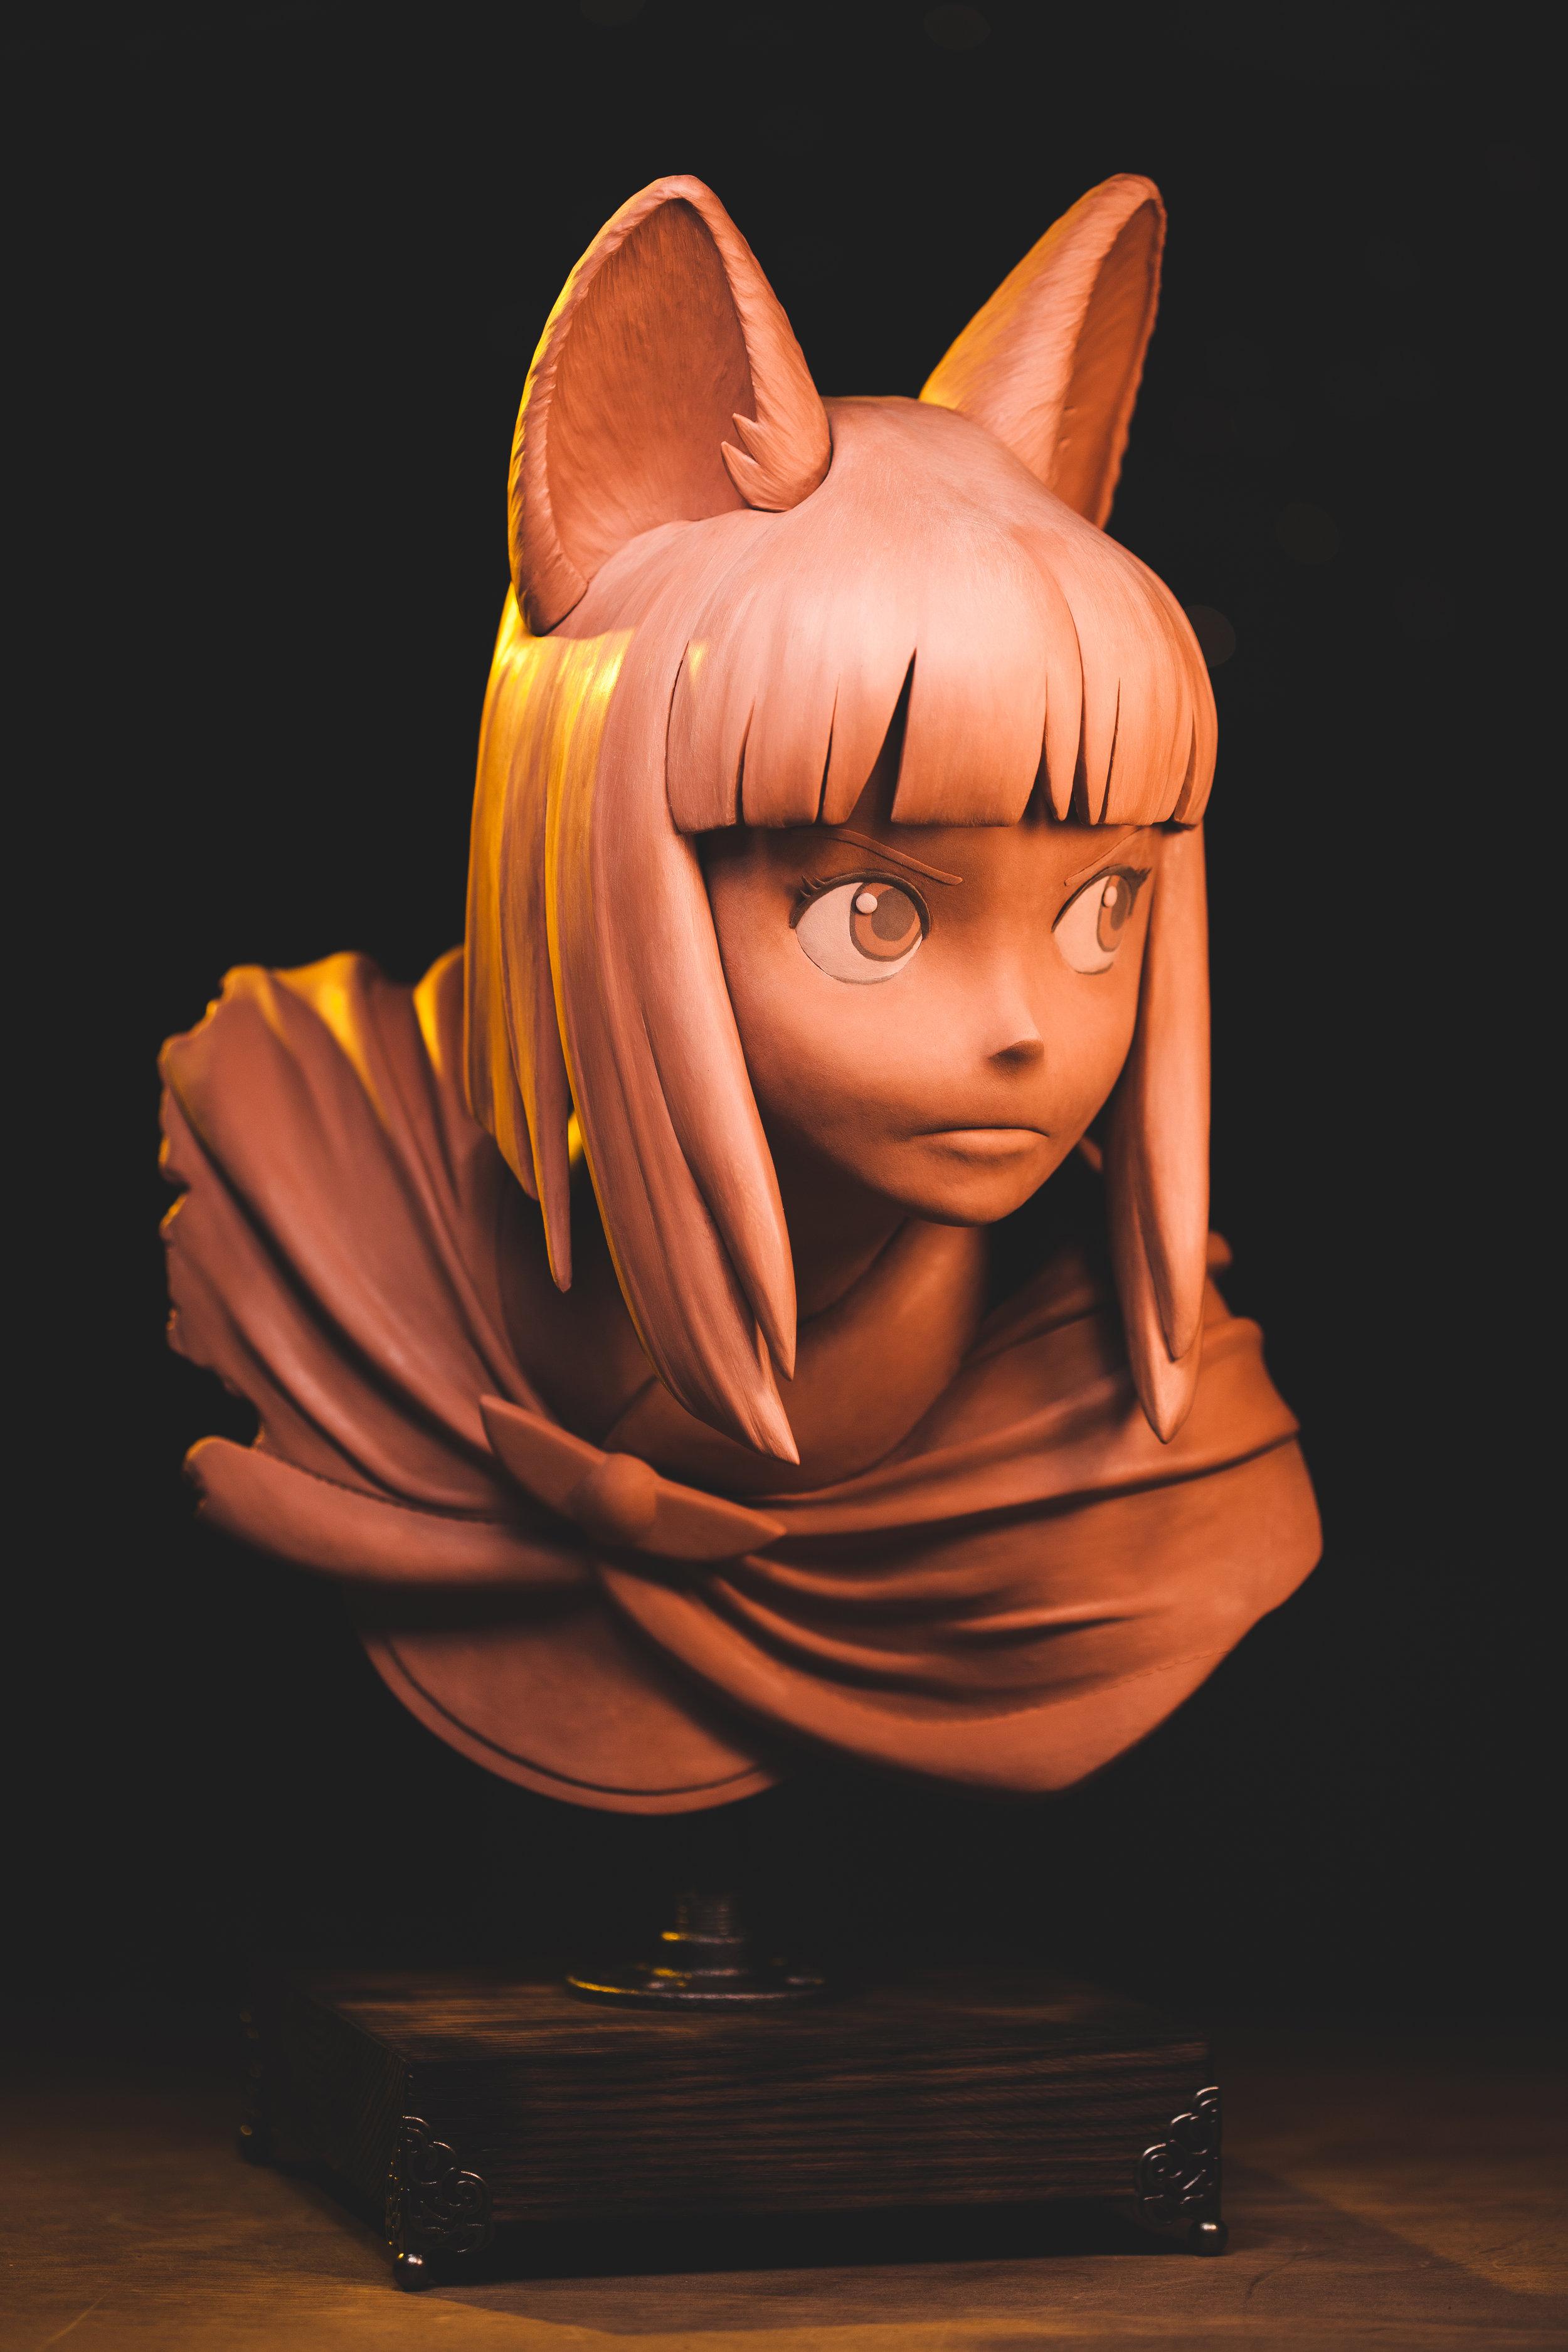 Evan Ni No Kuni Sculpture_Geek Chris Vierra (7).jpg